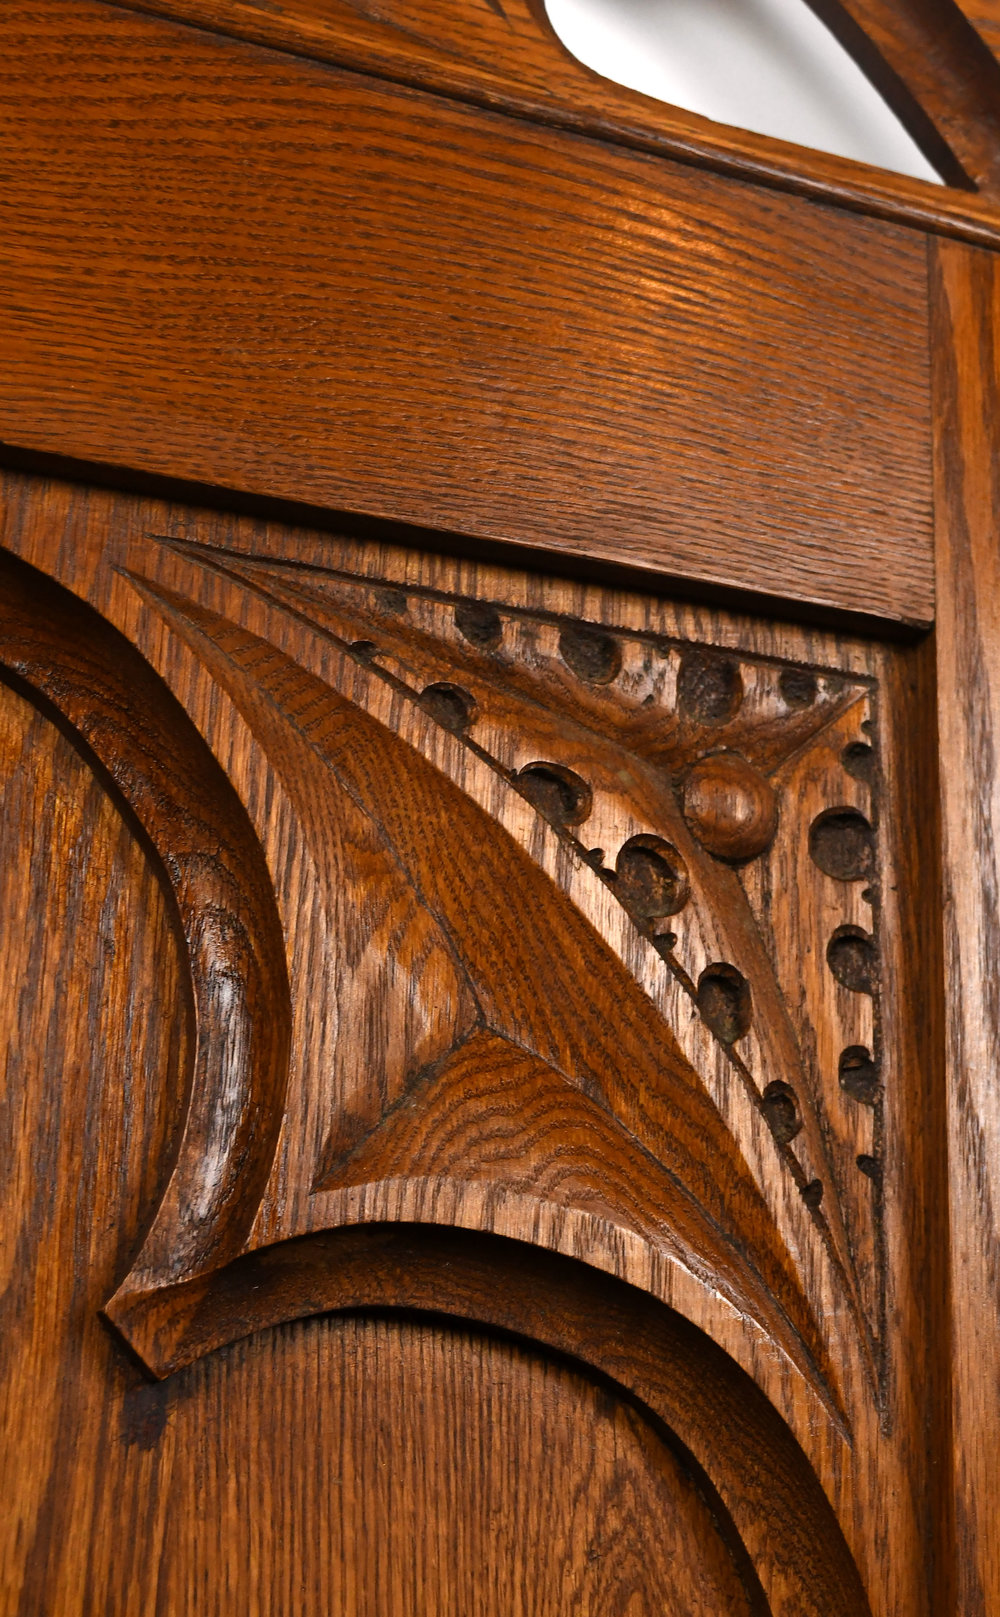 47349-oak-altar-rail-wood-detail.jpg